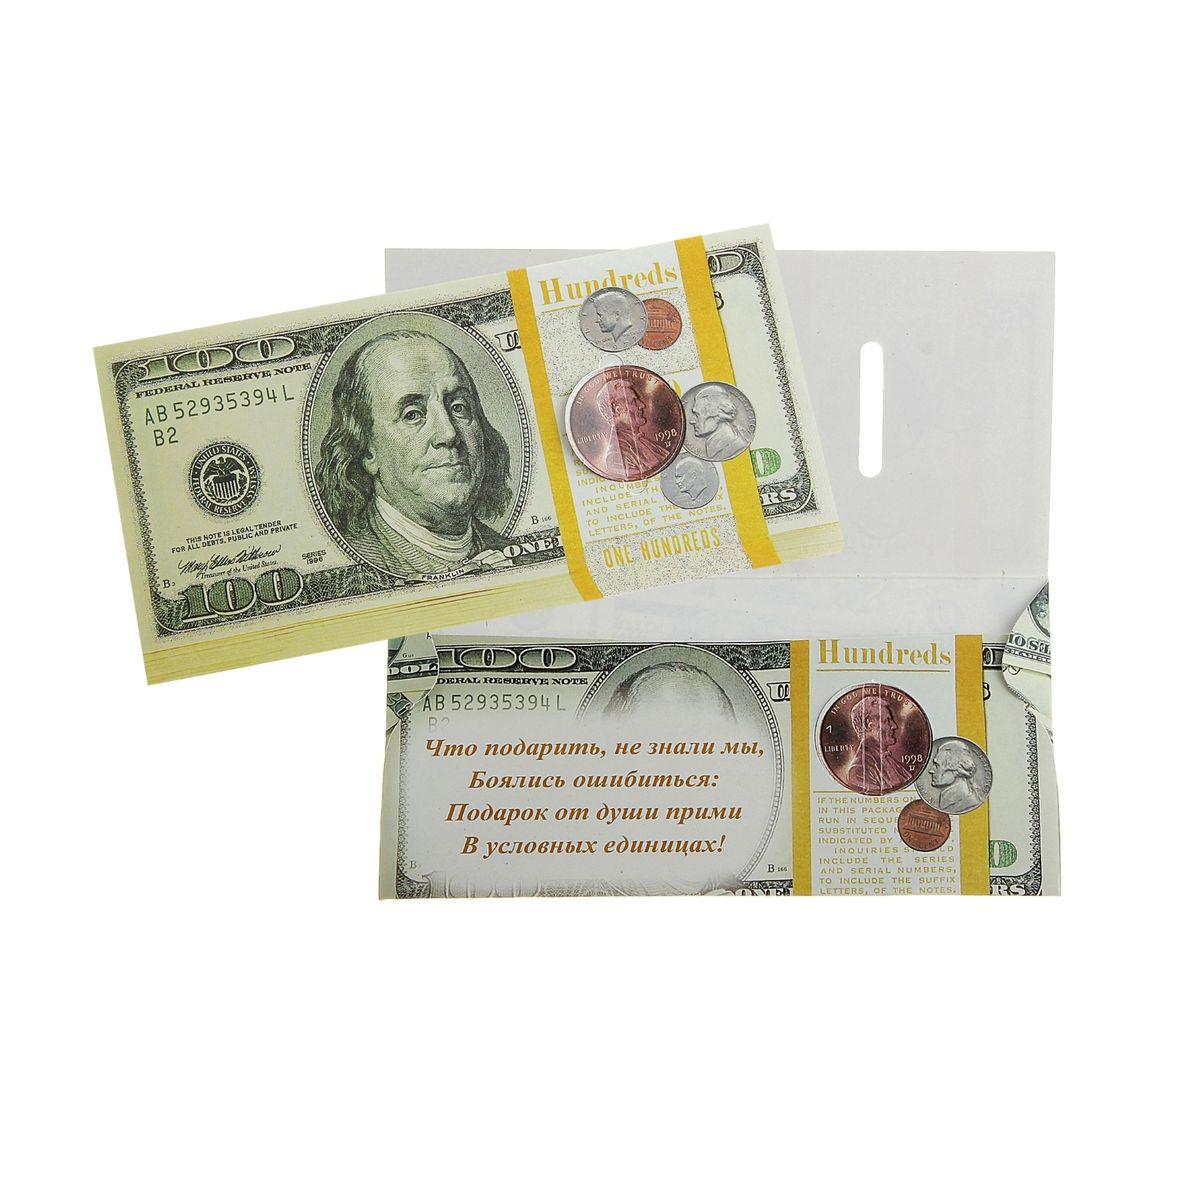 Конверт для денег Sima-land 100 долларов. 778394NLED-454-9W-BKКонверт для денег Sima-land 100 долларов изготовлен из картона и украшен яркой картинкой с изображением долларов. Это необычная красивая одежка для денежного подарка, а так же отличная возможность сделать его более праздничным и создать прекрасное настроение!